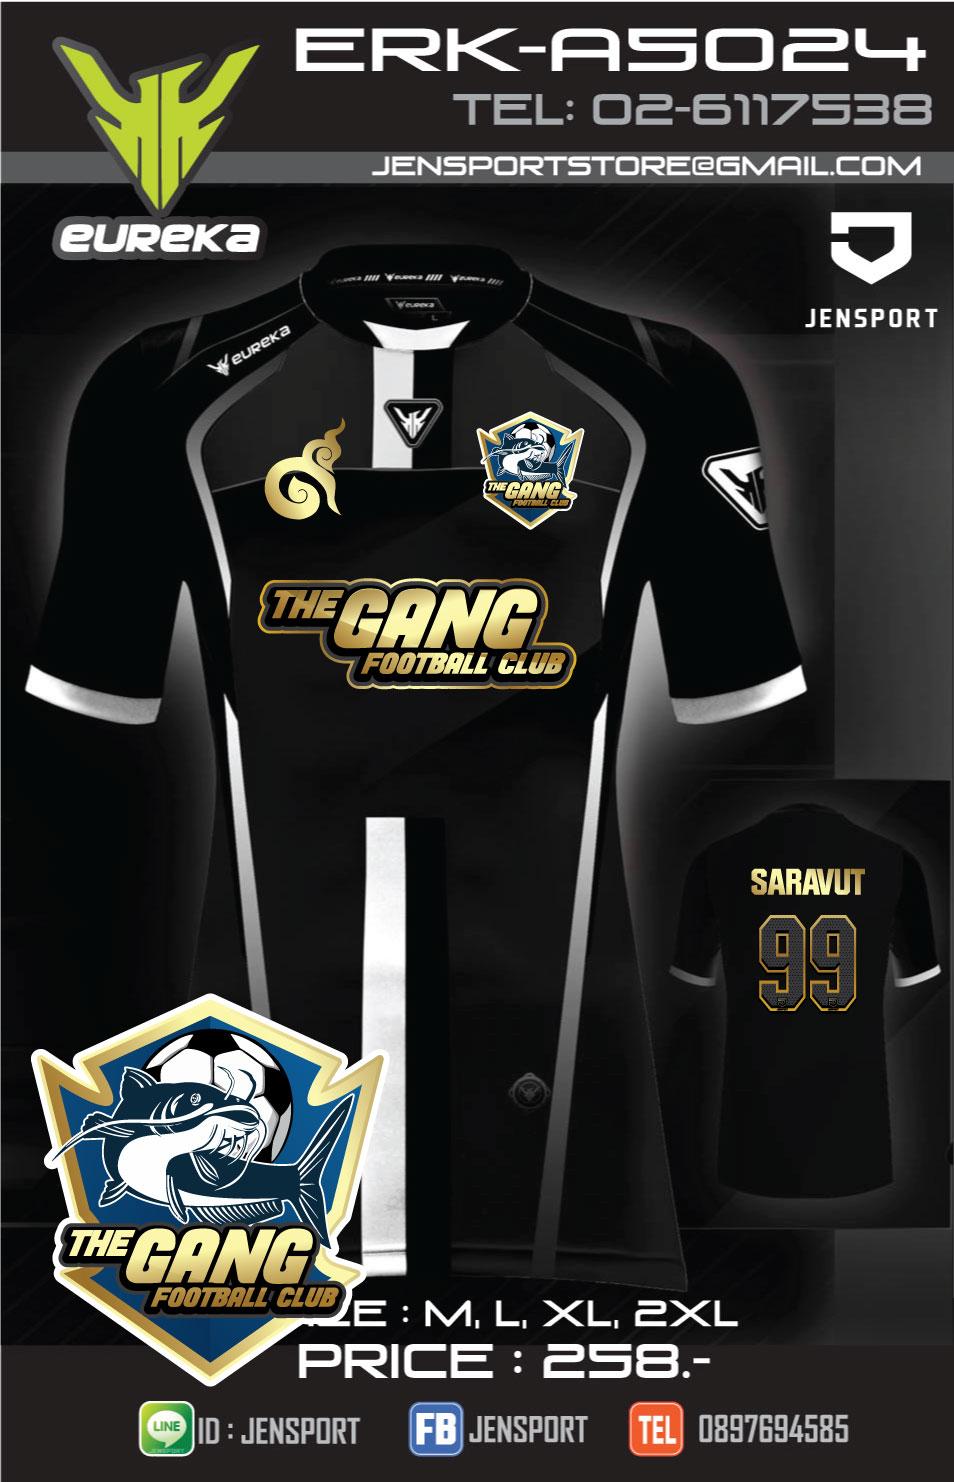 เสื้อฟุตบอล EUREKA ERK-A5024 สีดำ ทีม THE GANG FC